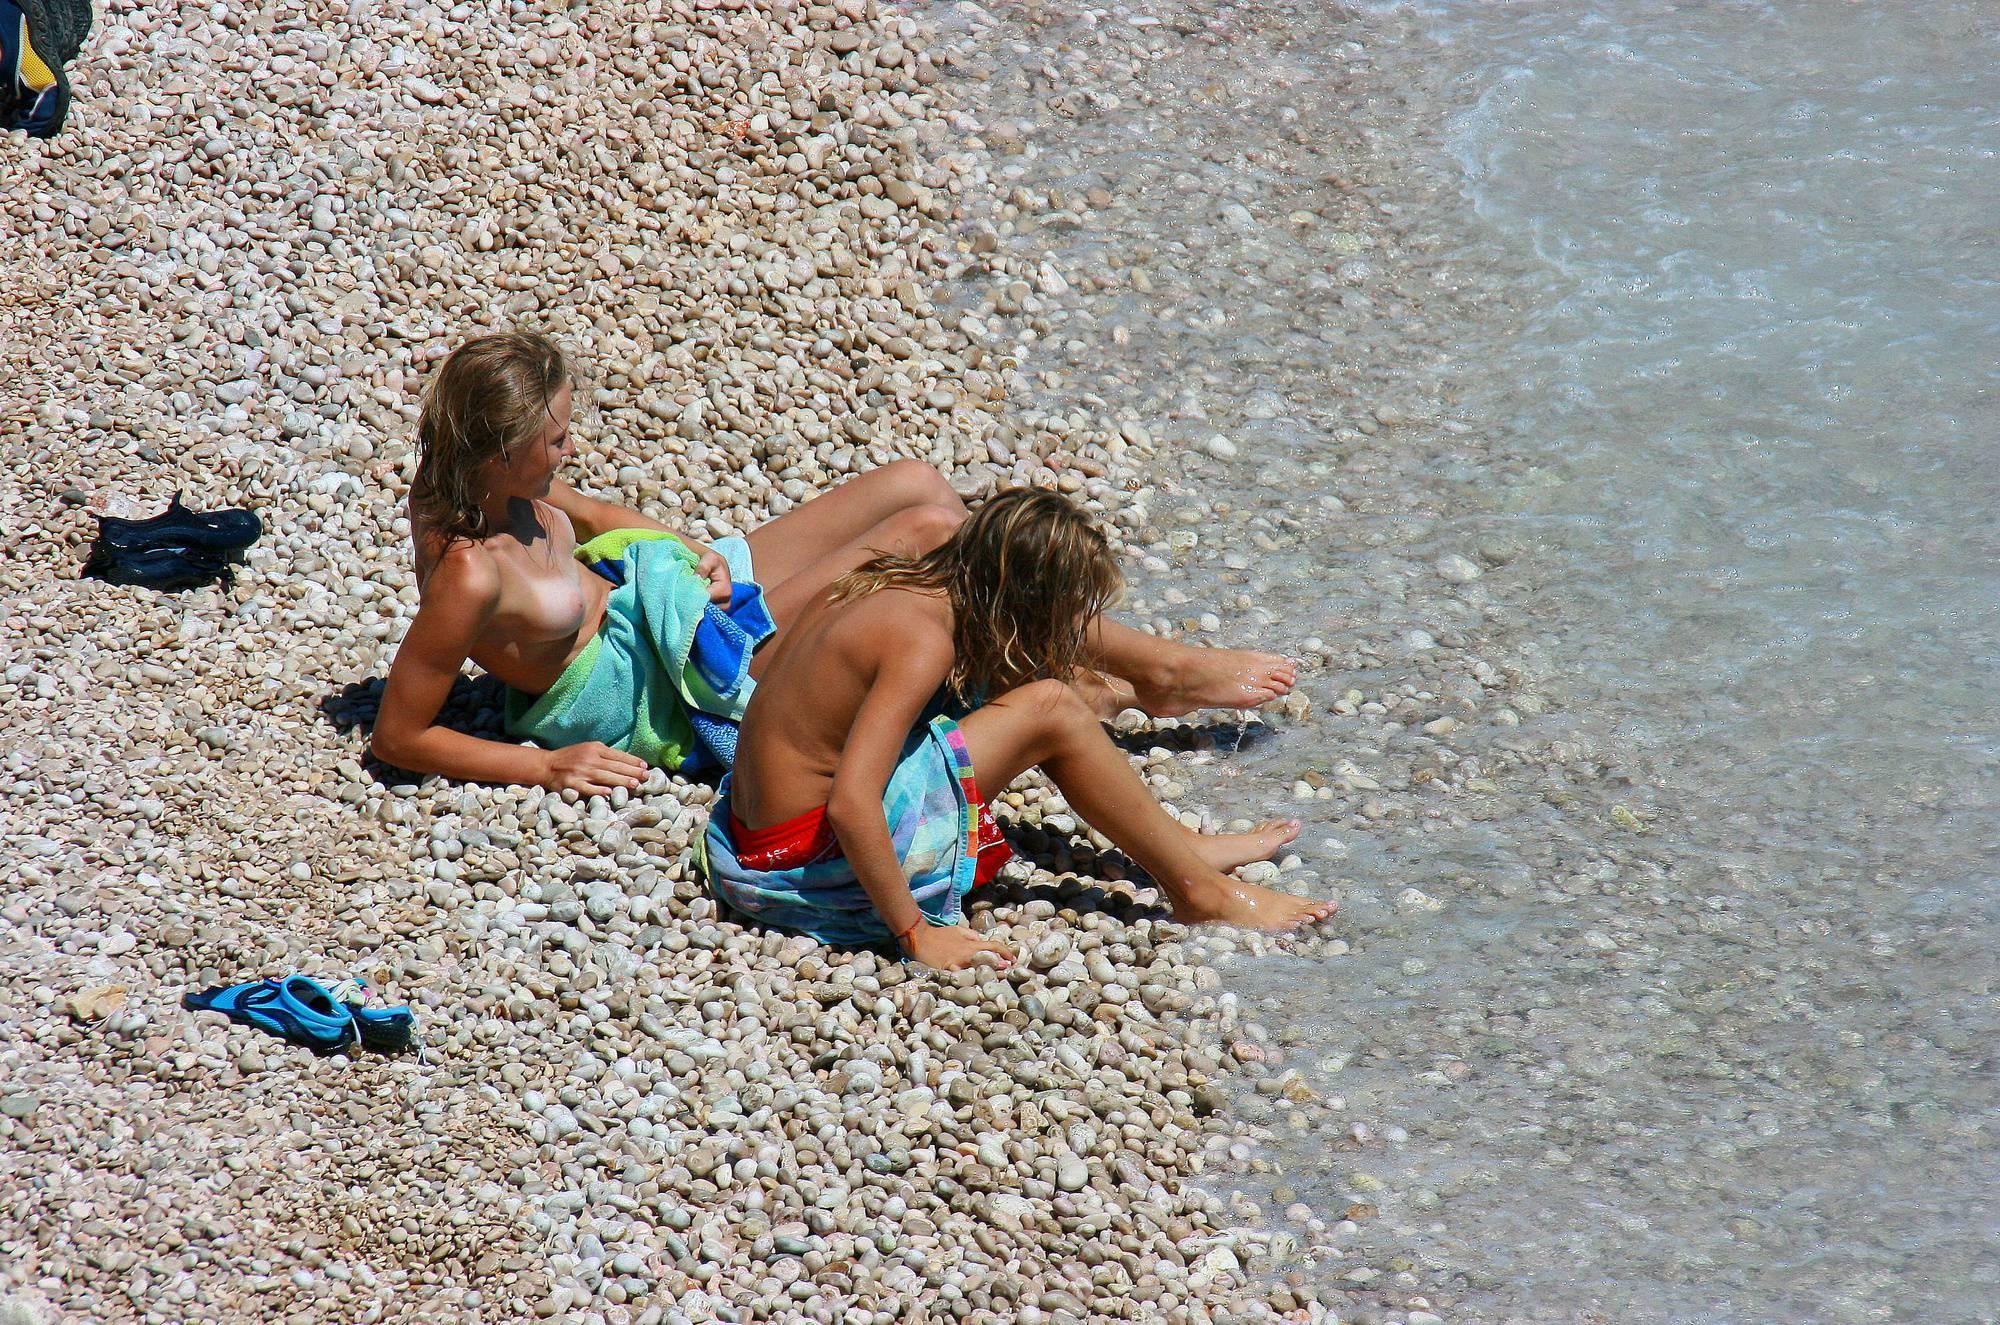 Nudist Pictures Uka FKK Shore Parenting - 1